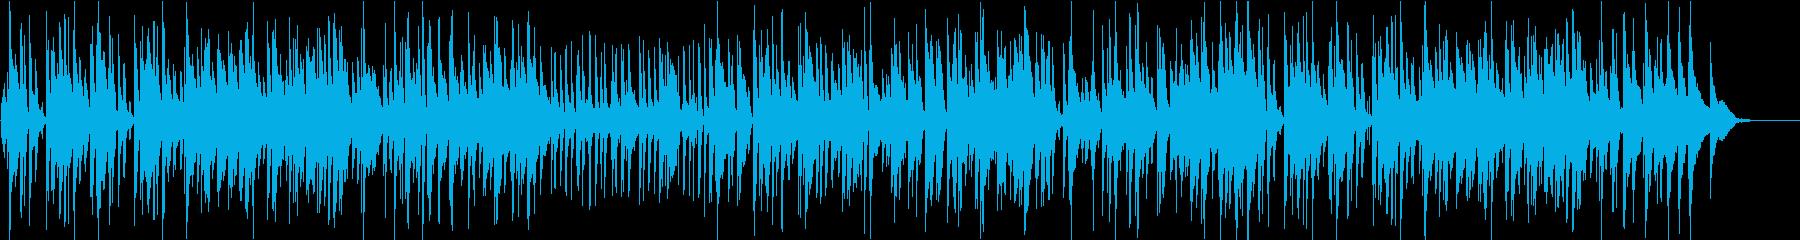 リラックスできるピアノスイングジャズの再生済みの波形